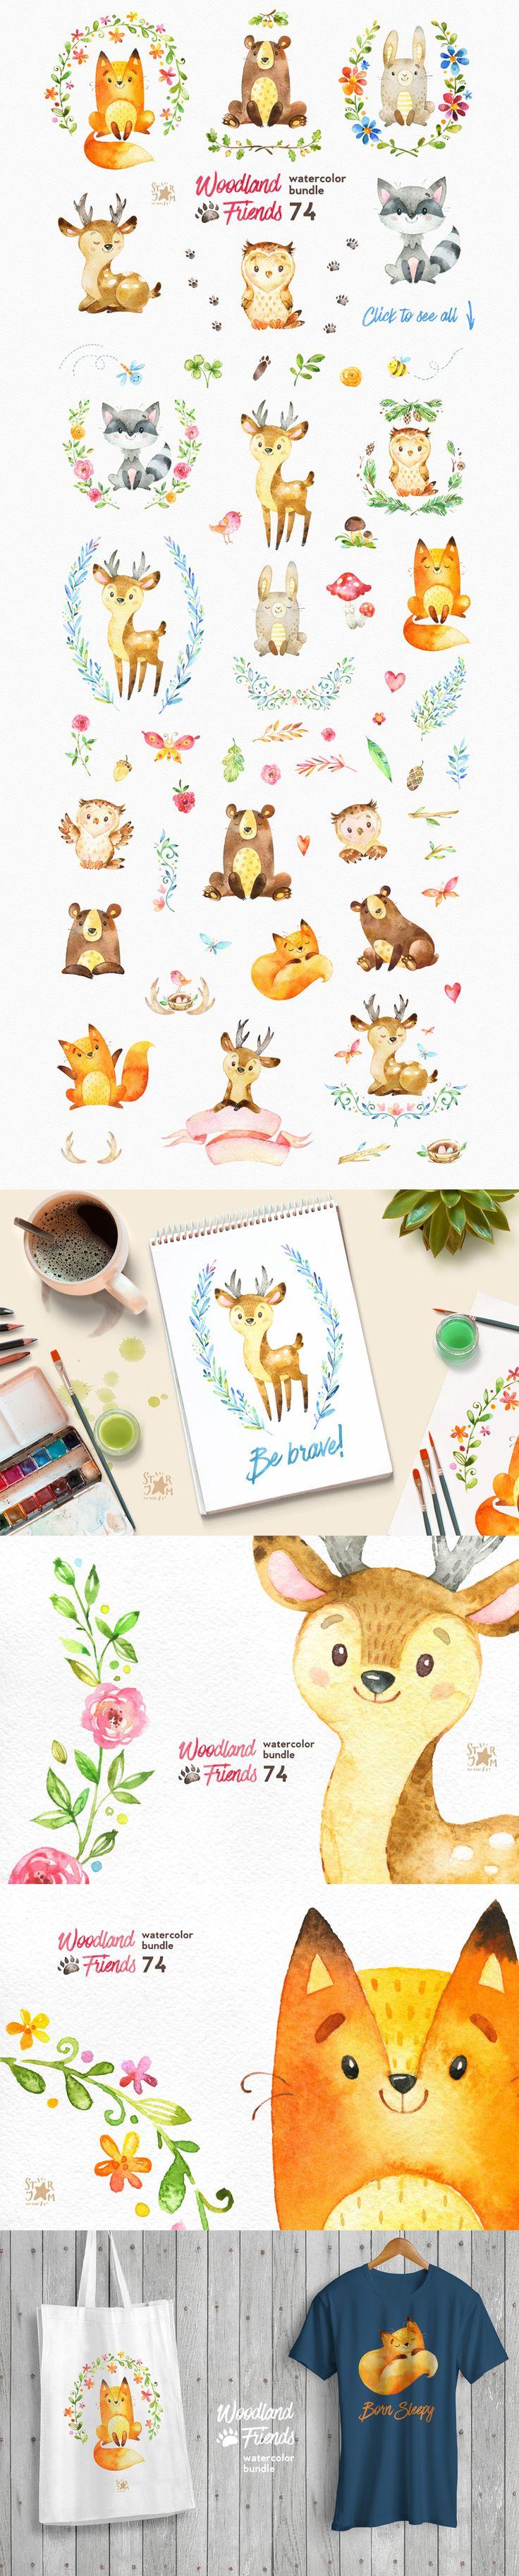 Woodland Friends Watercolor Bundle - https://www.designcuts.com/product/woodland-friends-watercolor-bundle/